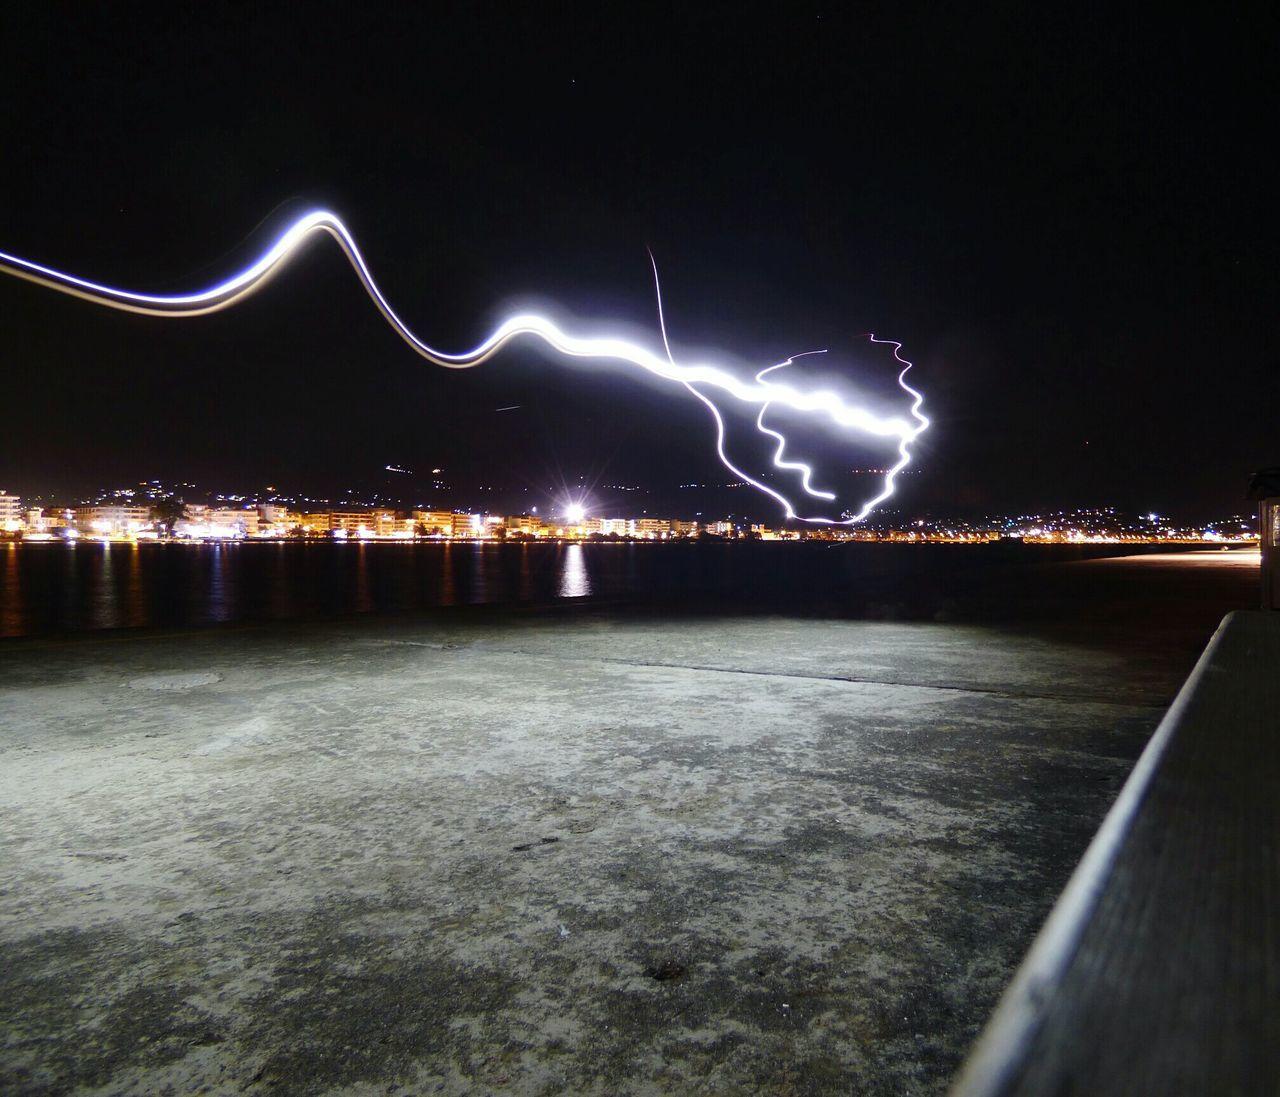 Night City Bridge - Man Made Structure Futuristic Outdoors No People Kalamata ArtWork Kalamata,Greece Photooftheday Lines And Lights Lighting Painting Super_greece Kalamata_city